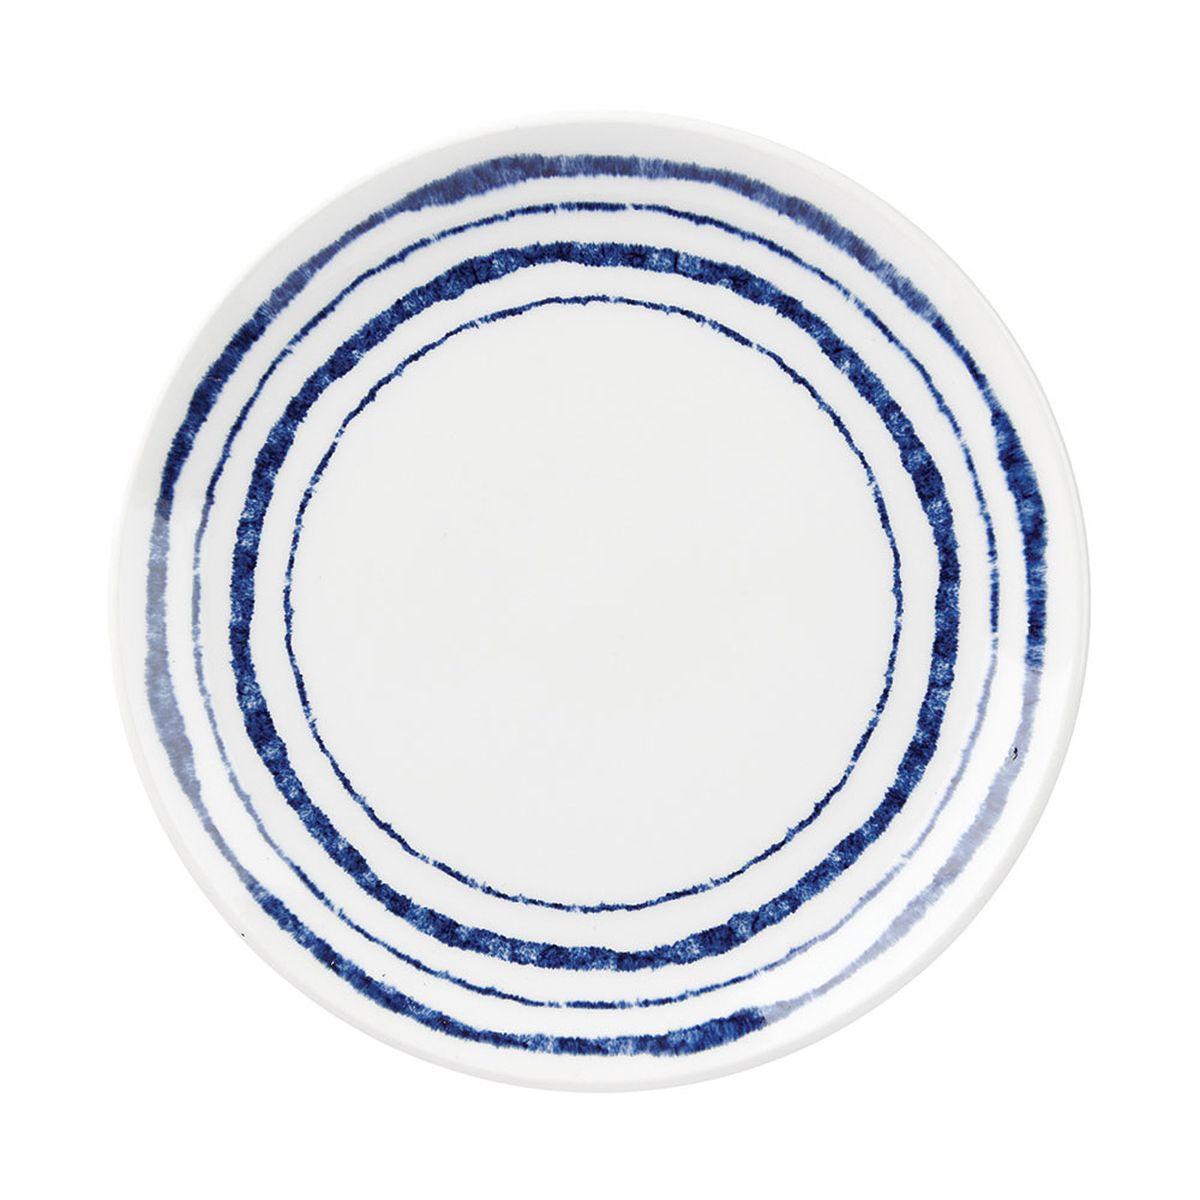 Тарелка десертная Churchill Инки, диаметр 20,5 смINKI00101Десертная тарелка Churchill Инки, изготовленная из высококачественного фаянса, имеет классическую круглую форму. Она прекрасно впишется в интерьер вашей кухни и станет достойным дополнением к кухонному инвентарю. Десертная тарелка Churchill Инки подчеркнет прекрасный вкус хозяйки и станет отличным подарком. Диаметр тарелки (по верхнему краю): 20,5 см.